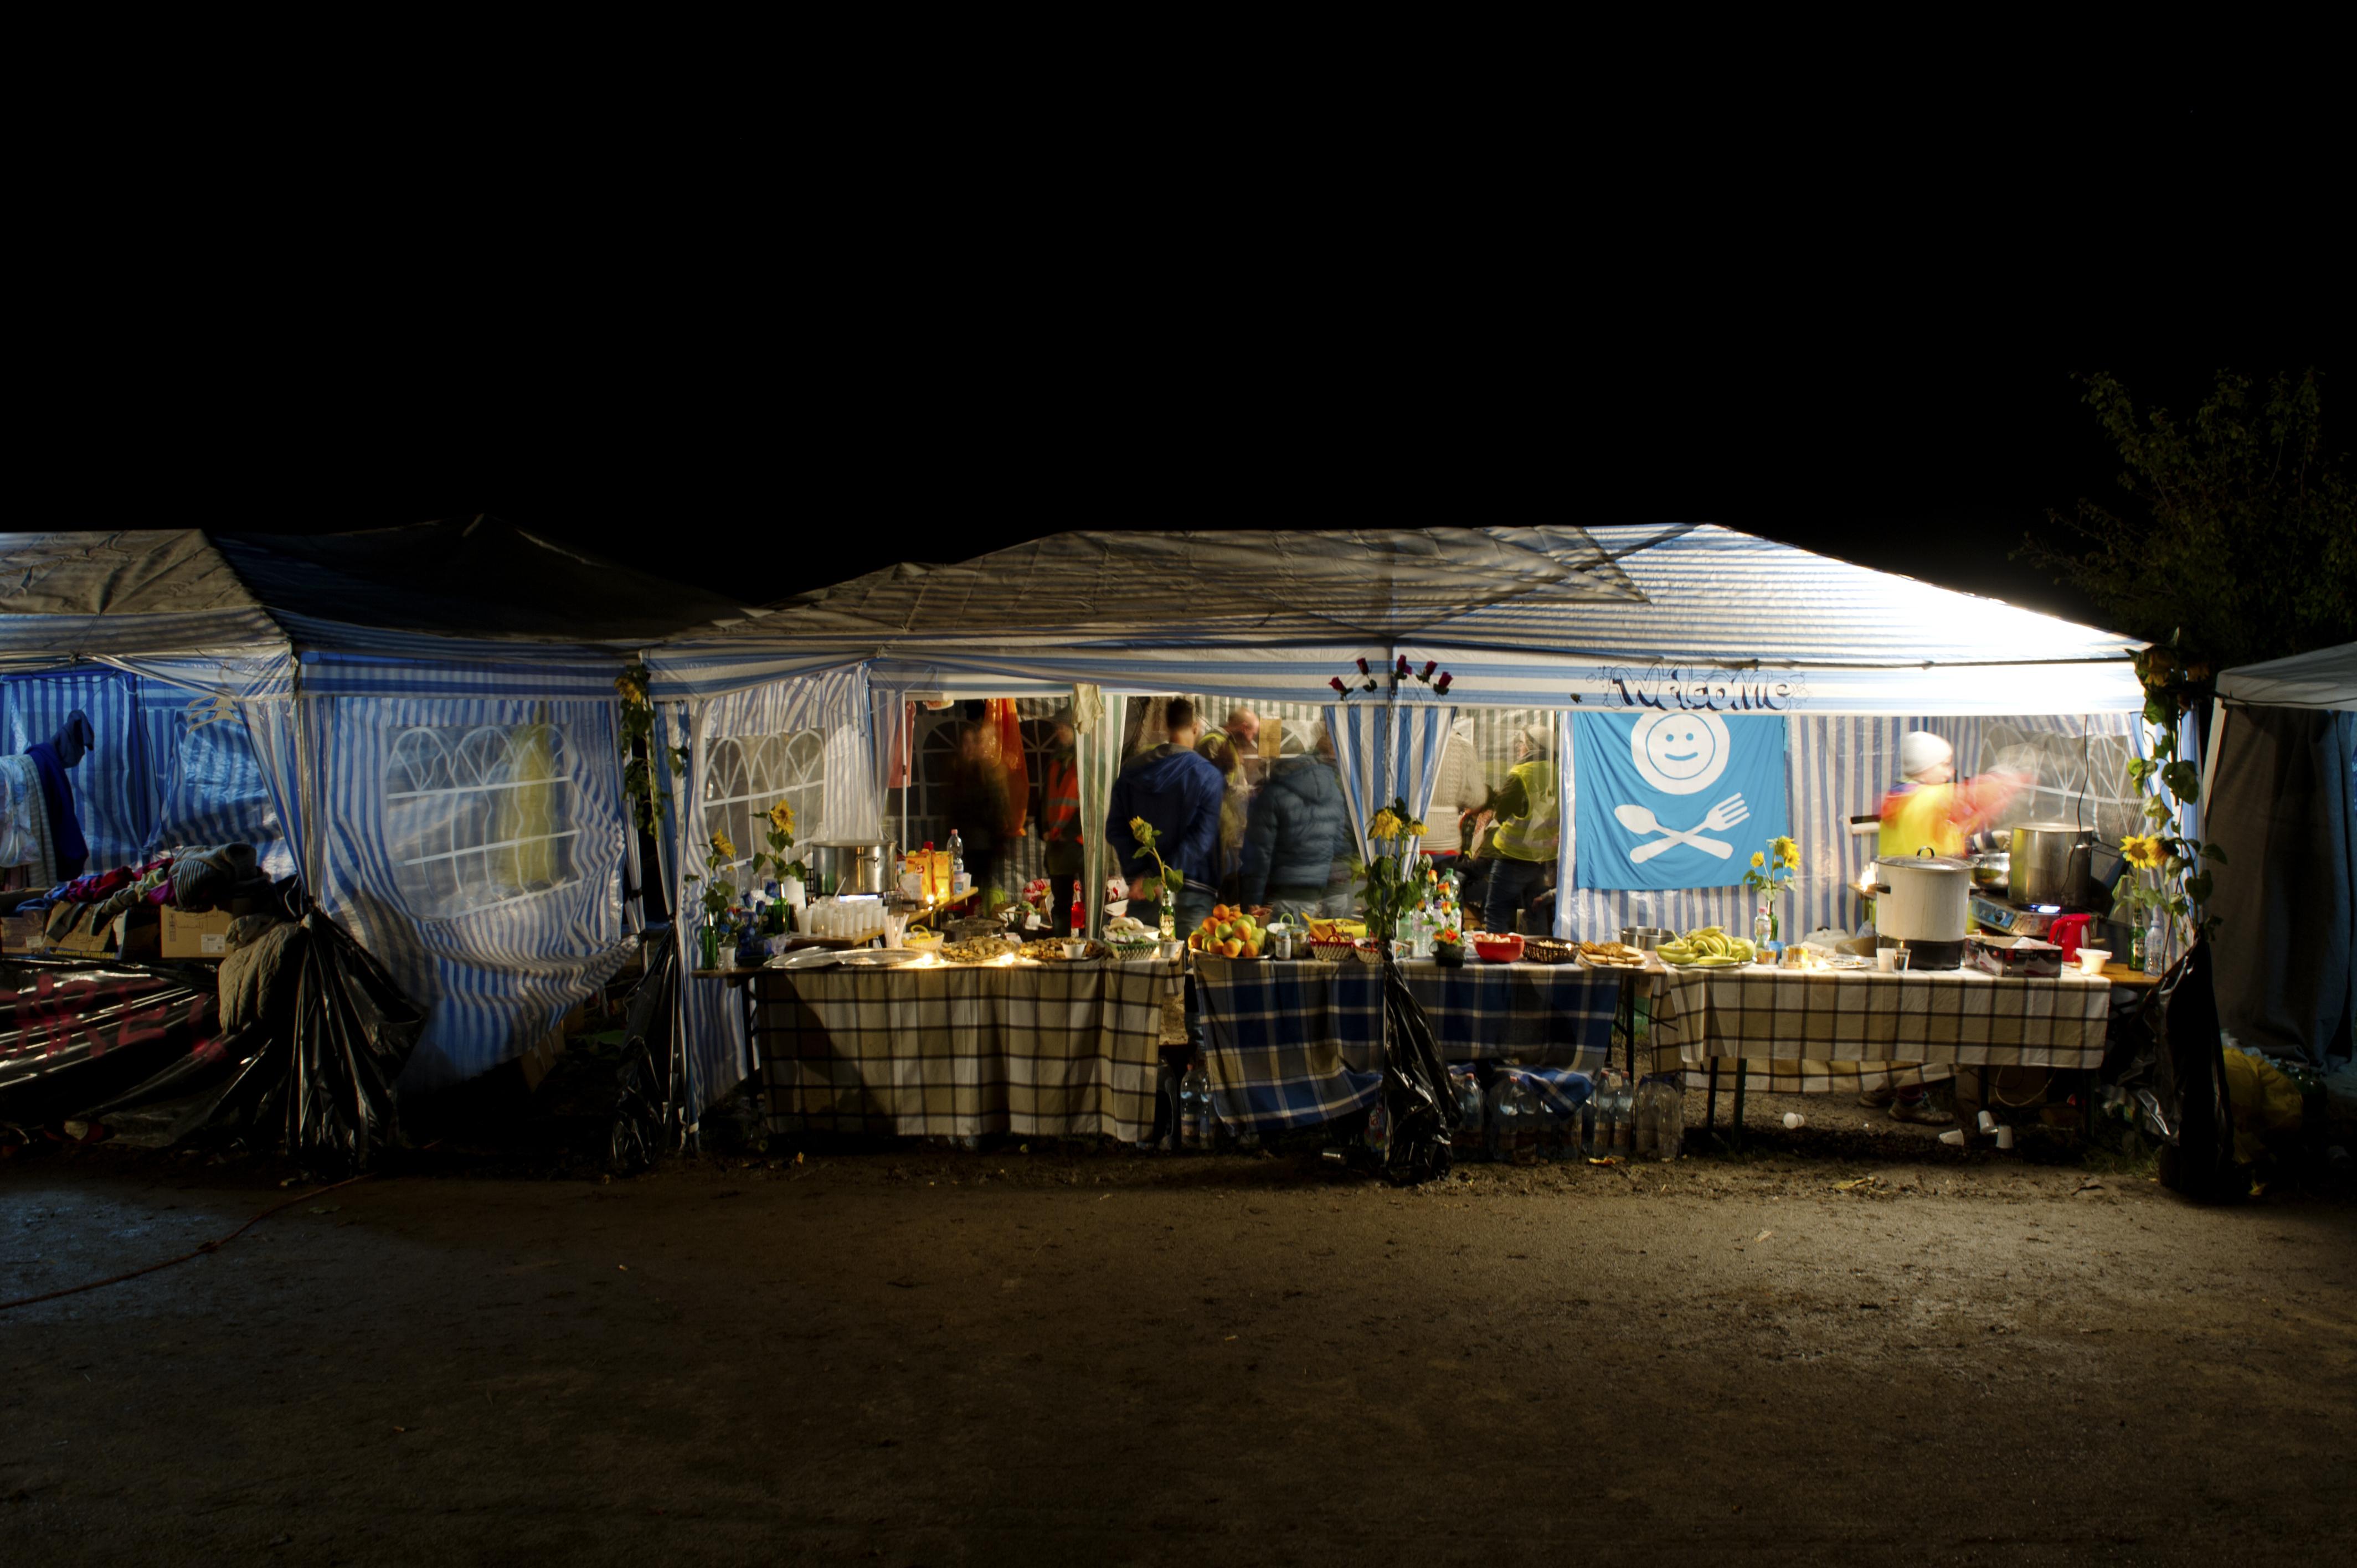 Das Tee- und Essenszelt von Rastplatz nahe des Grenzpostens.